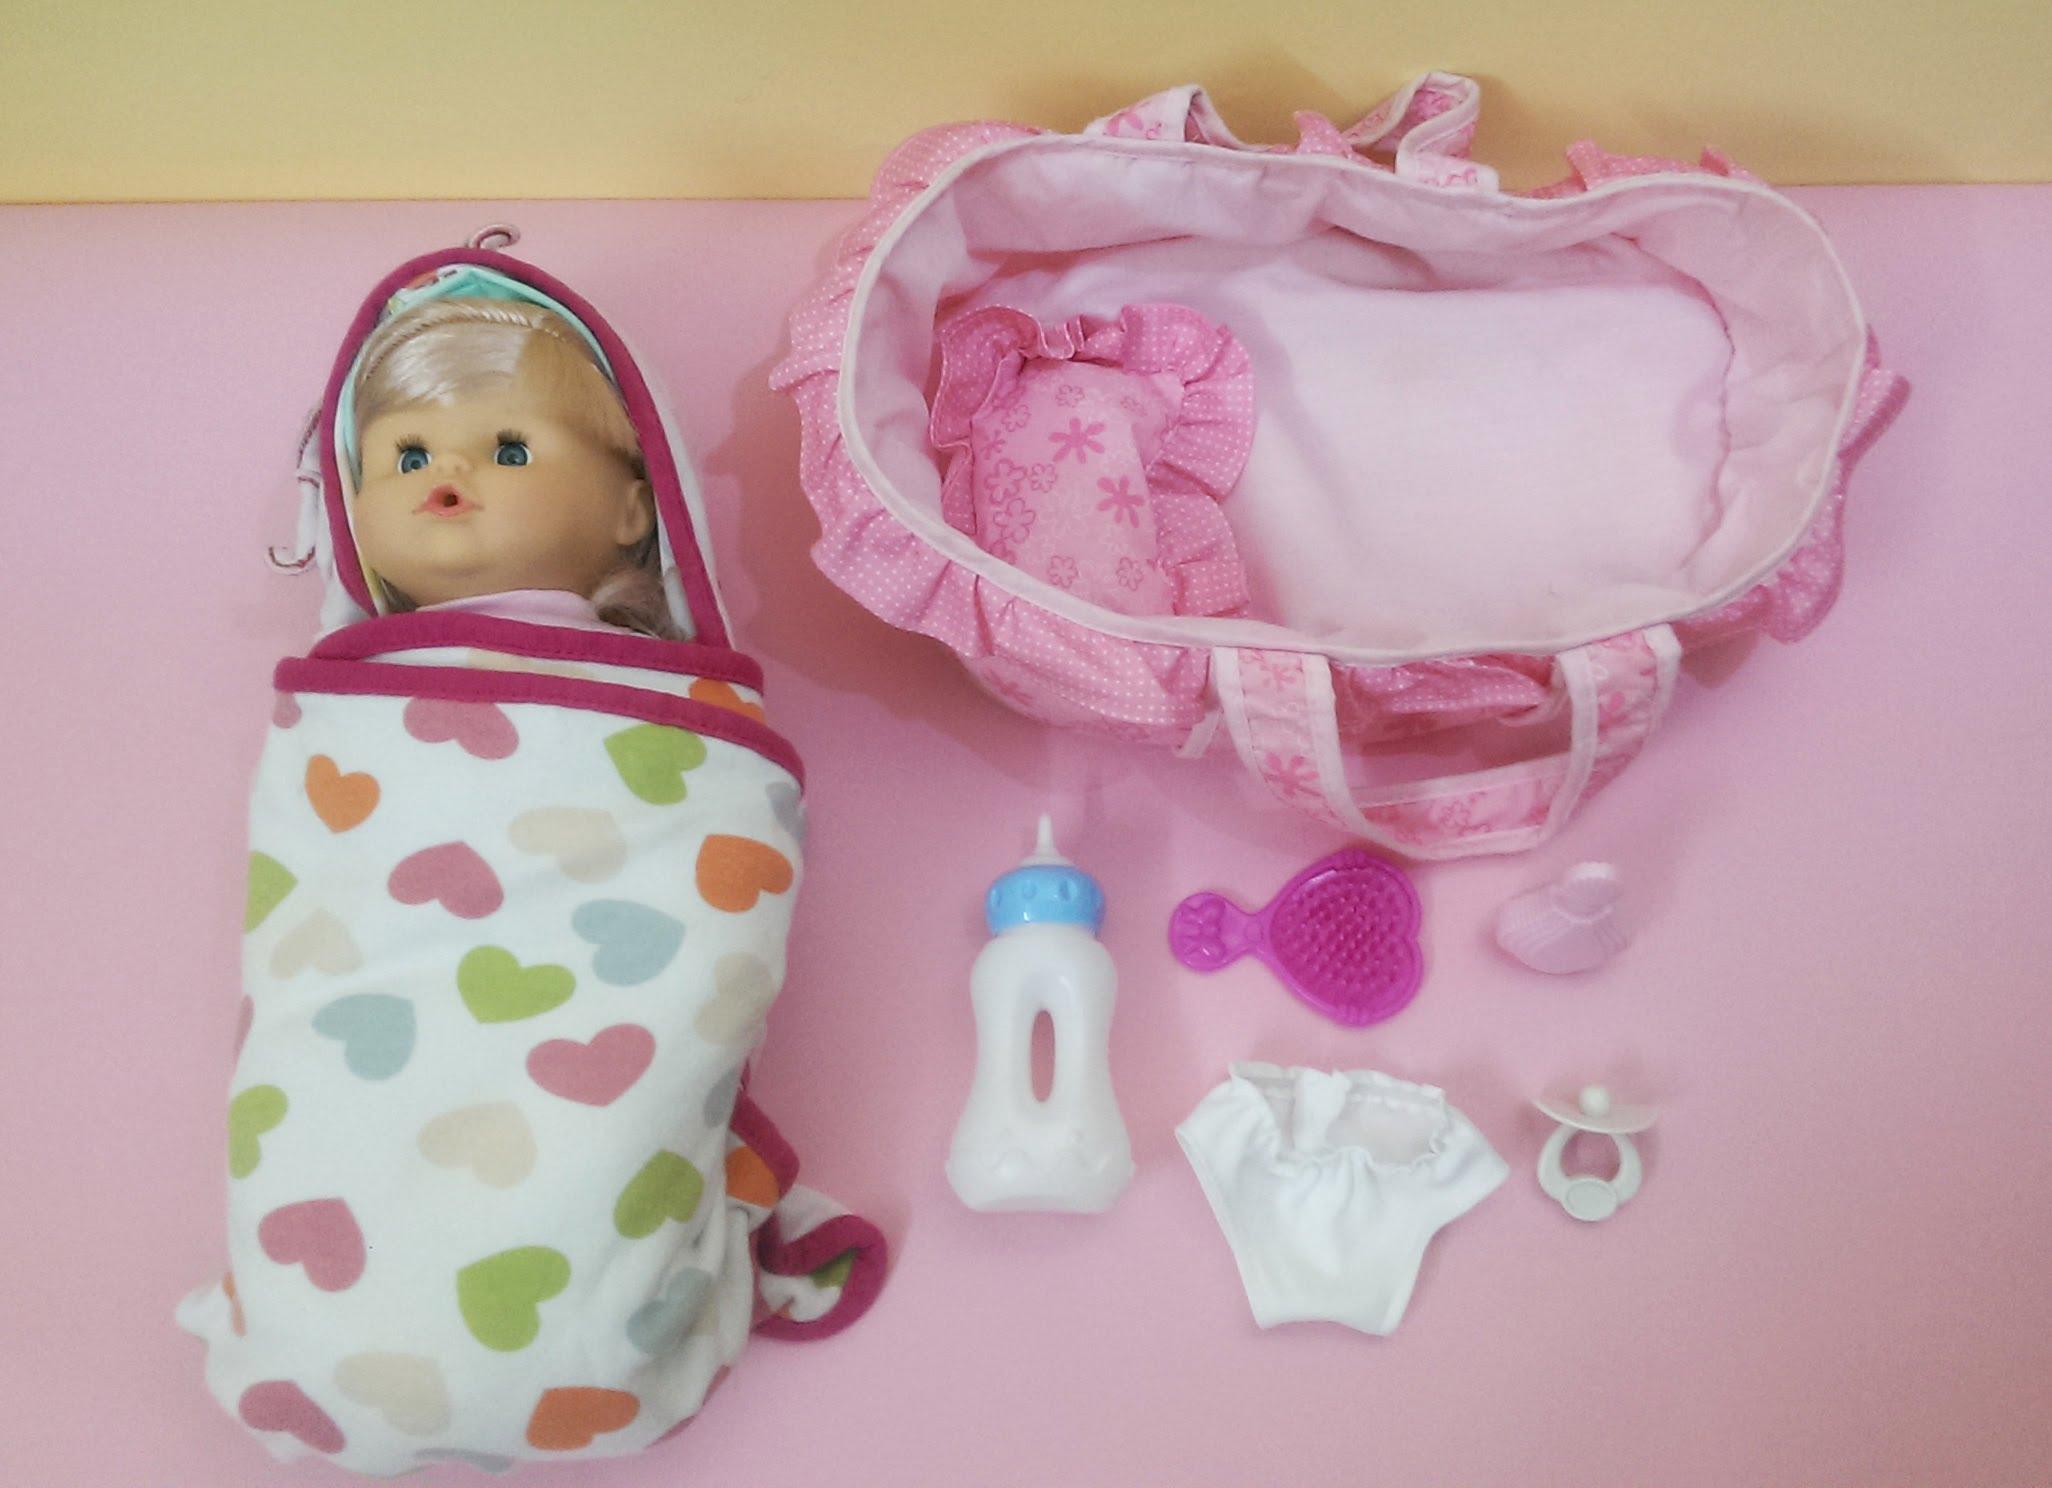 بالصور لعب اطفال بنات , اشكال متنوعة من الالعاب تشتريها لابنتك 3232 8